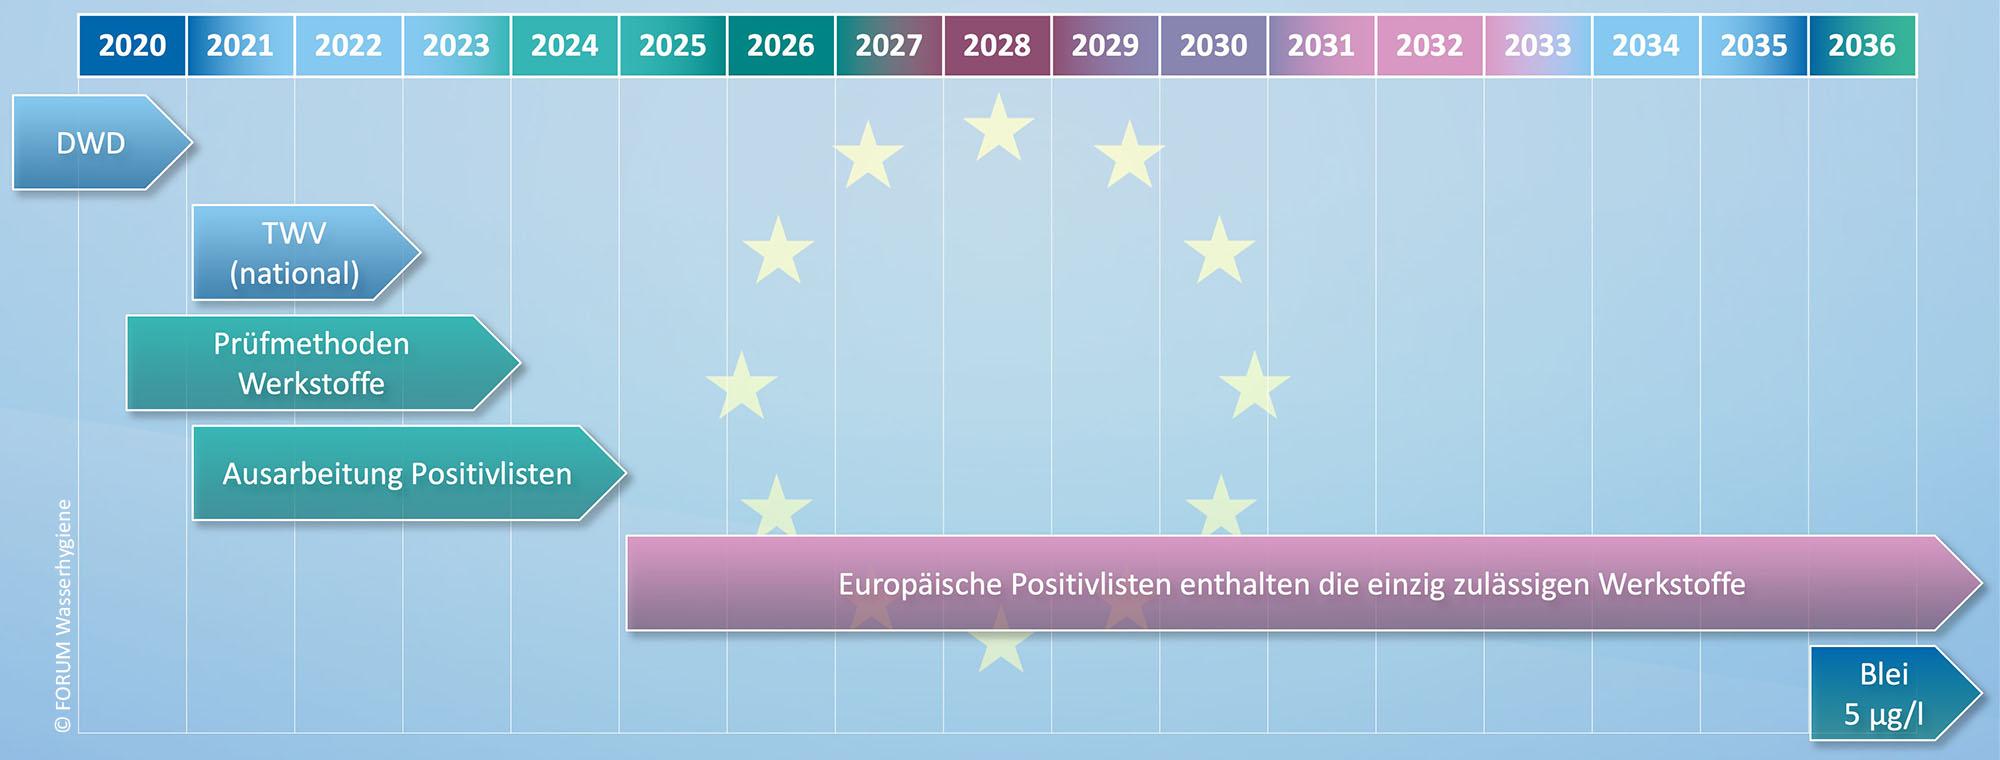 Wichtige Meilensteine im Umsetzungsfahrplan der EU-Trinkwasserrichtlinie